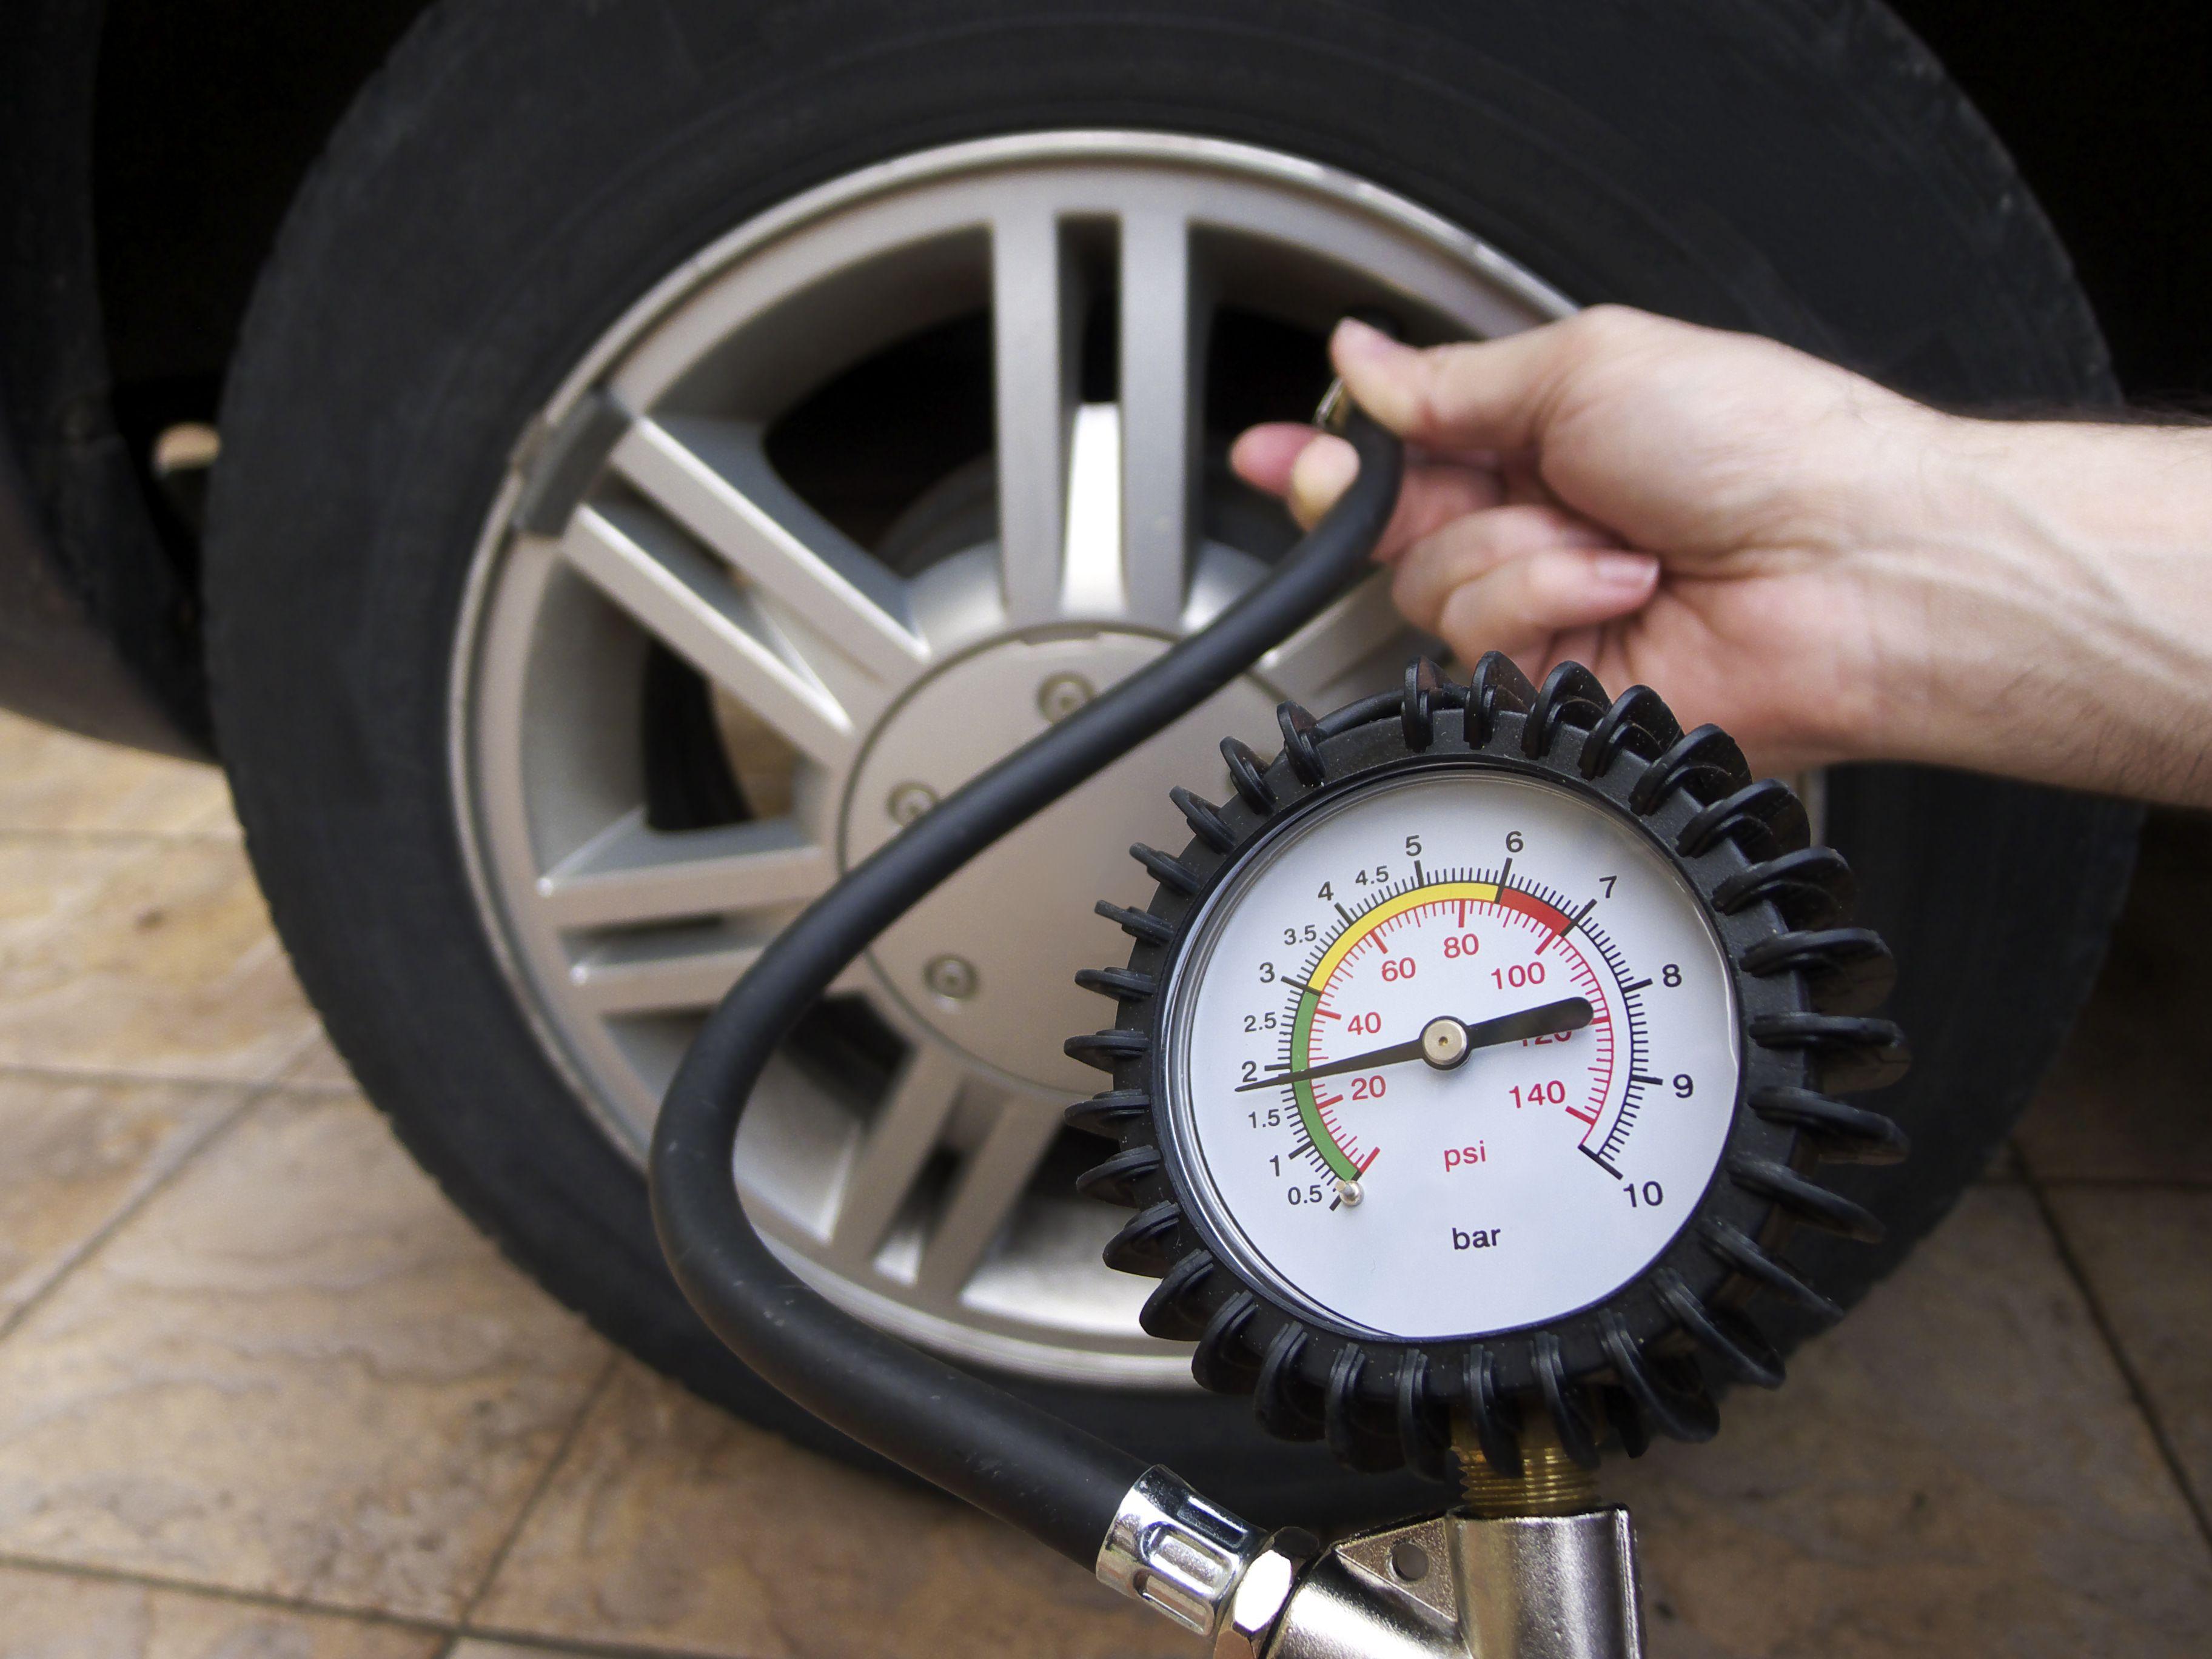 Máquinas para comprobar la presión de los neumáticos: Servicios de Estación de Servicio de Moncófar